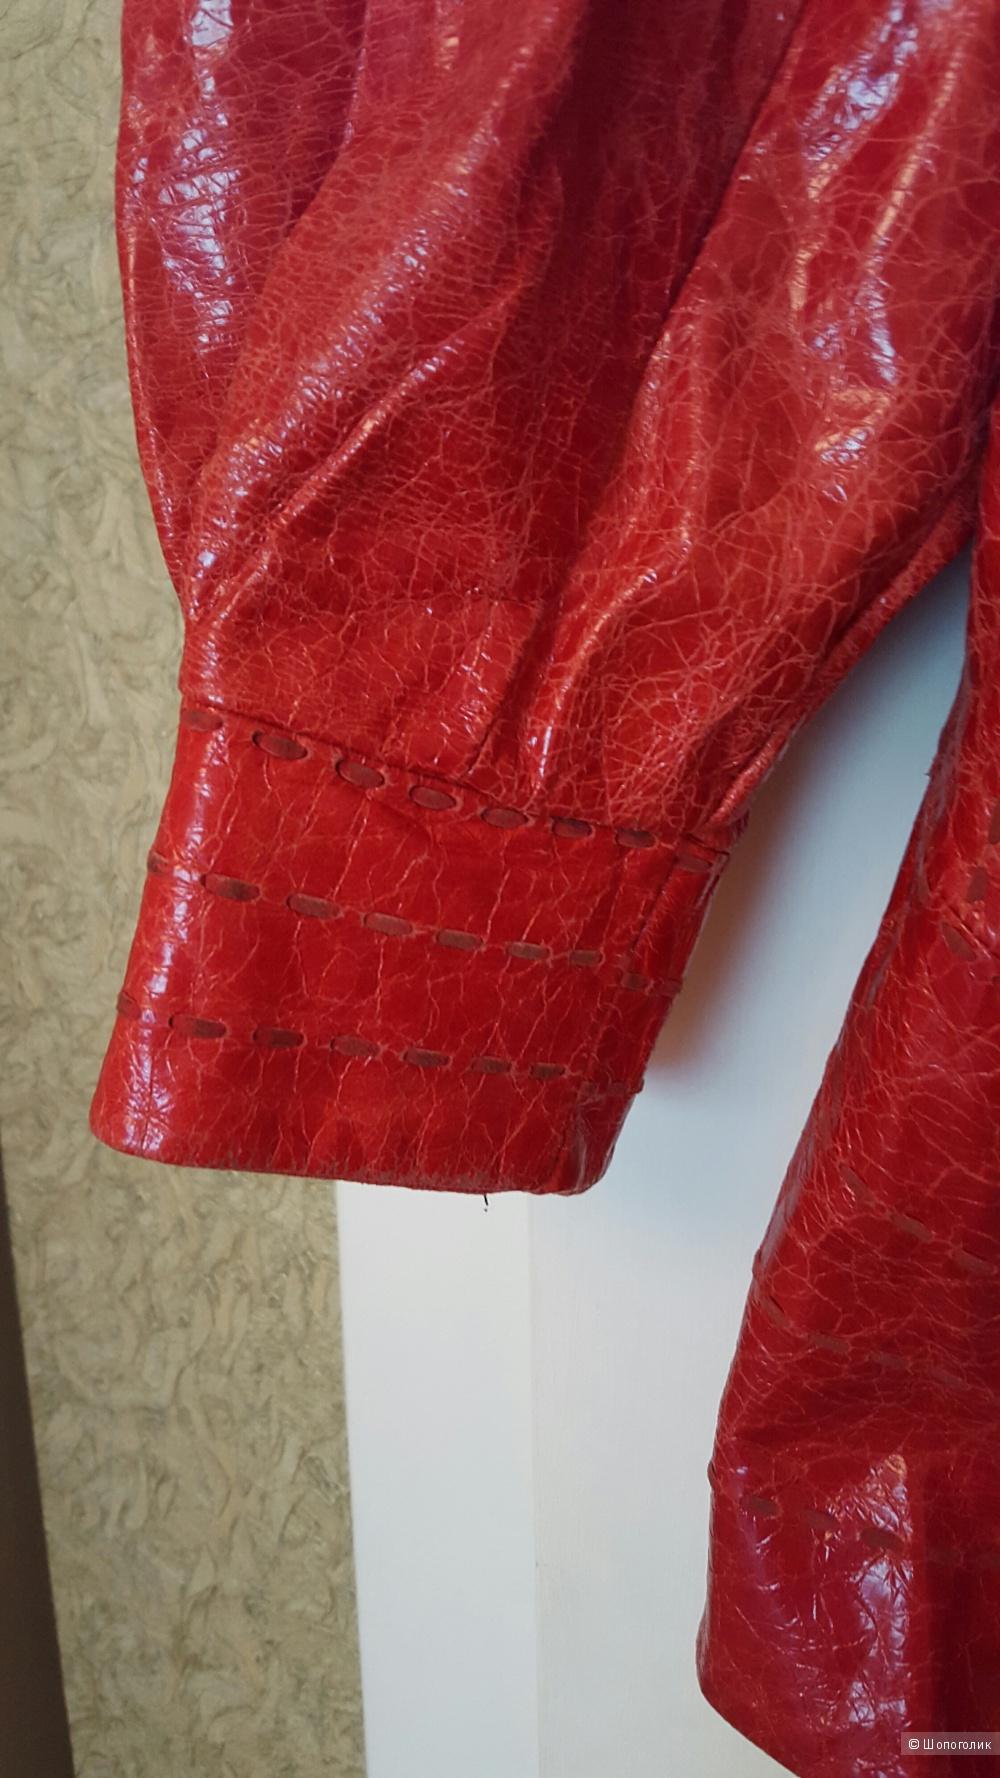 Кожаная куртка Silvio tossi, размер 48 (ru).